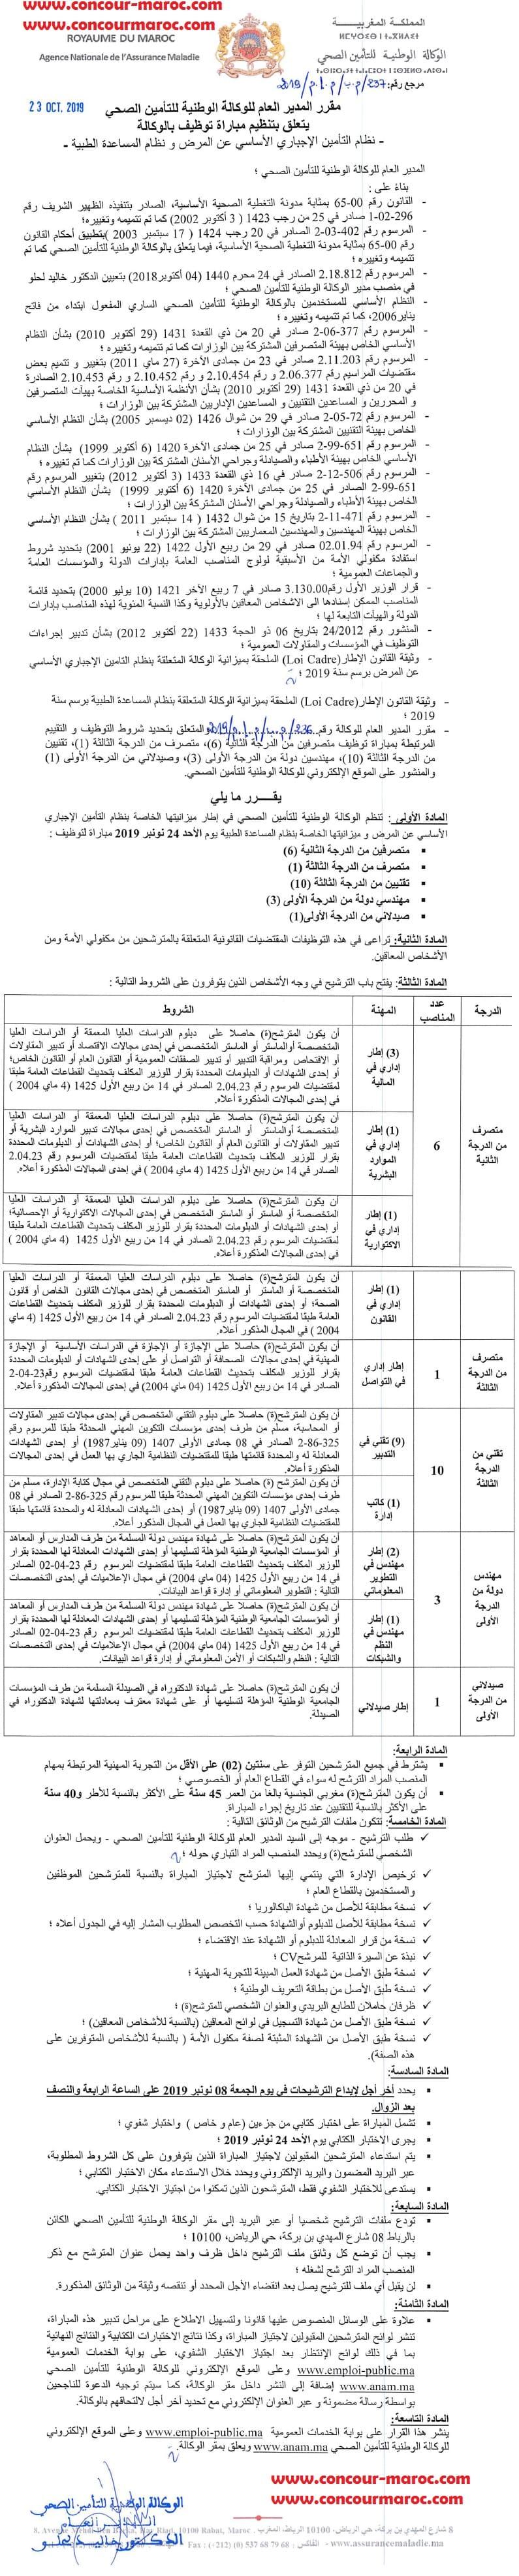 الوكالة الوطنية للتأمين الصحي : مباراة لتوظيف 21 منصب في عدة تخصصات و درجات اخر اجل 8 نونبر 2019 Aiaao_63